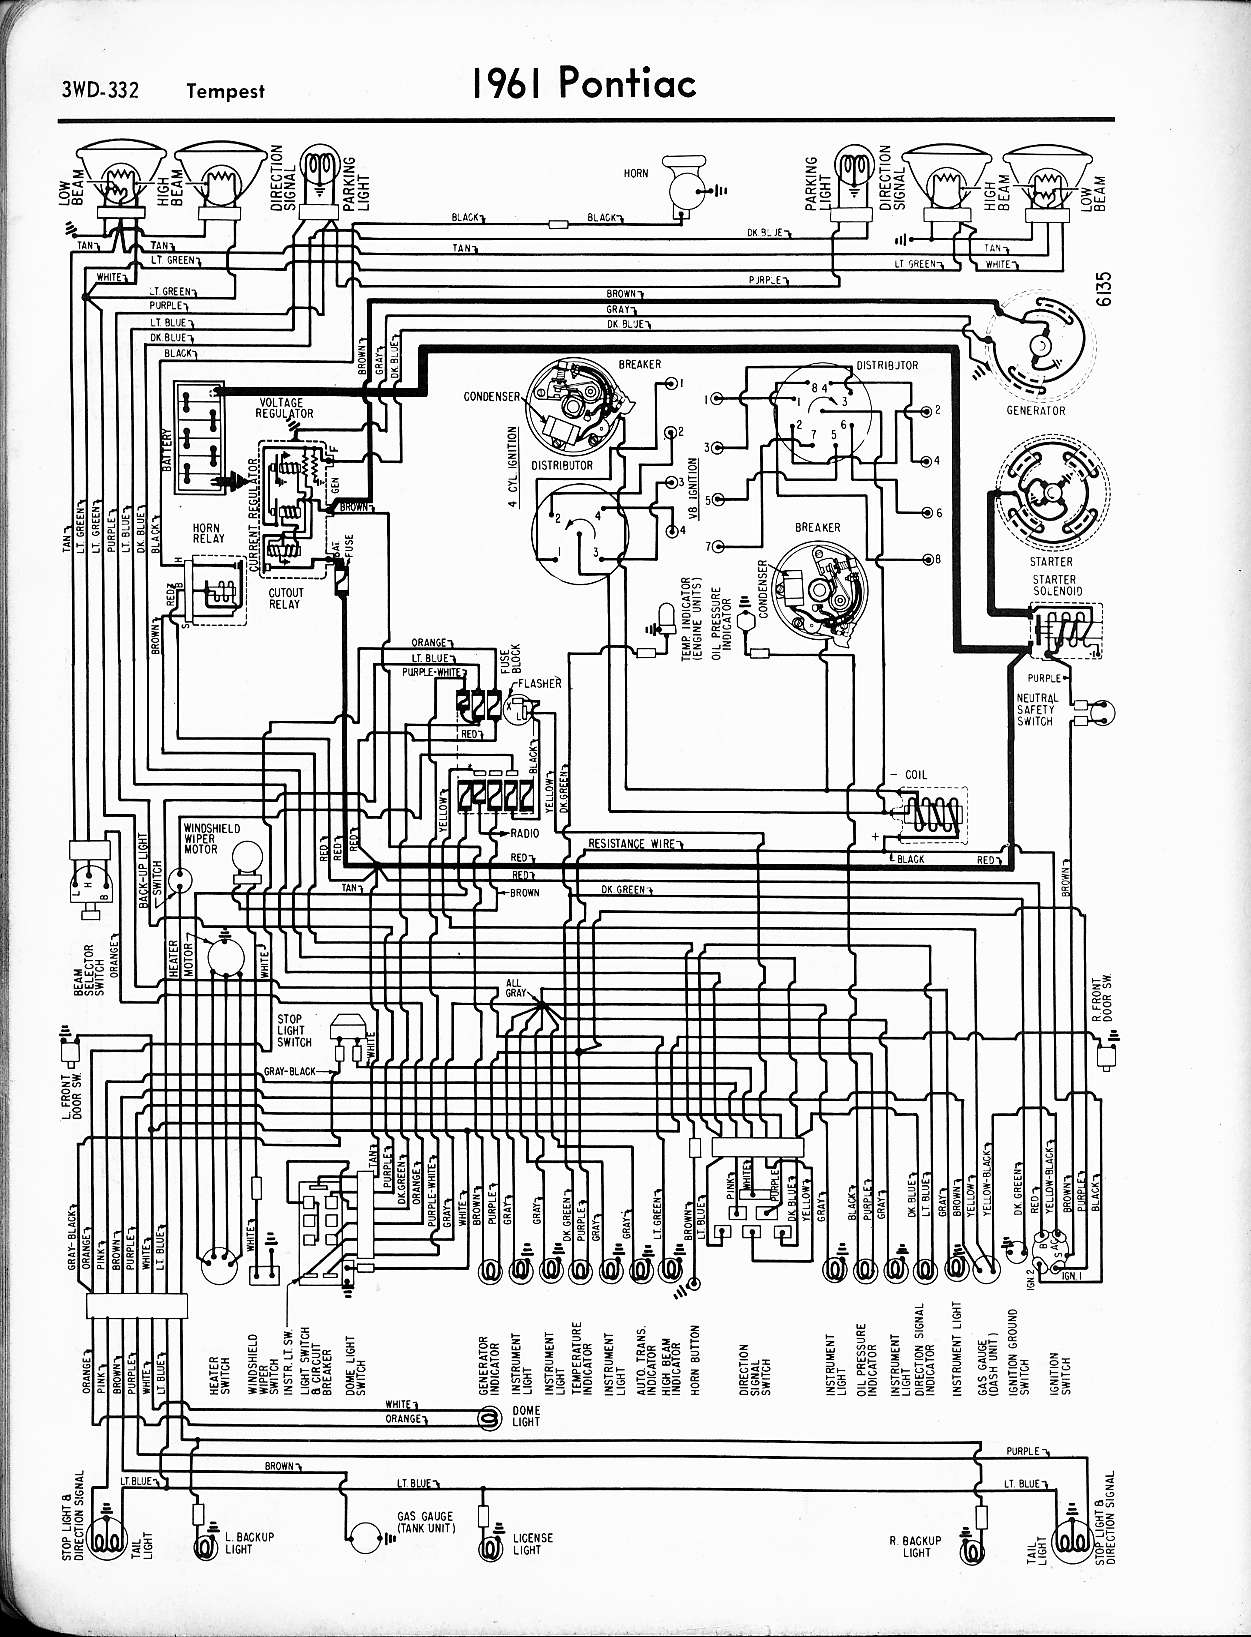 Admirable 1964 Chevelle Wiring Diagram Diagram Data Schema Wiring Cloud Uslyletkolfr09Org